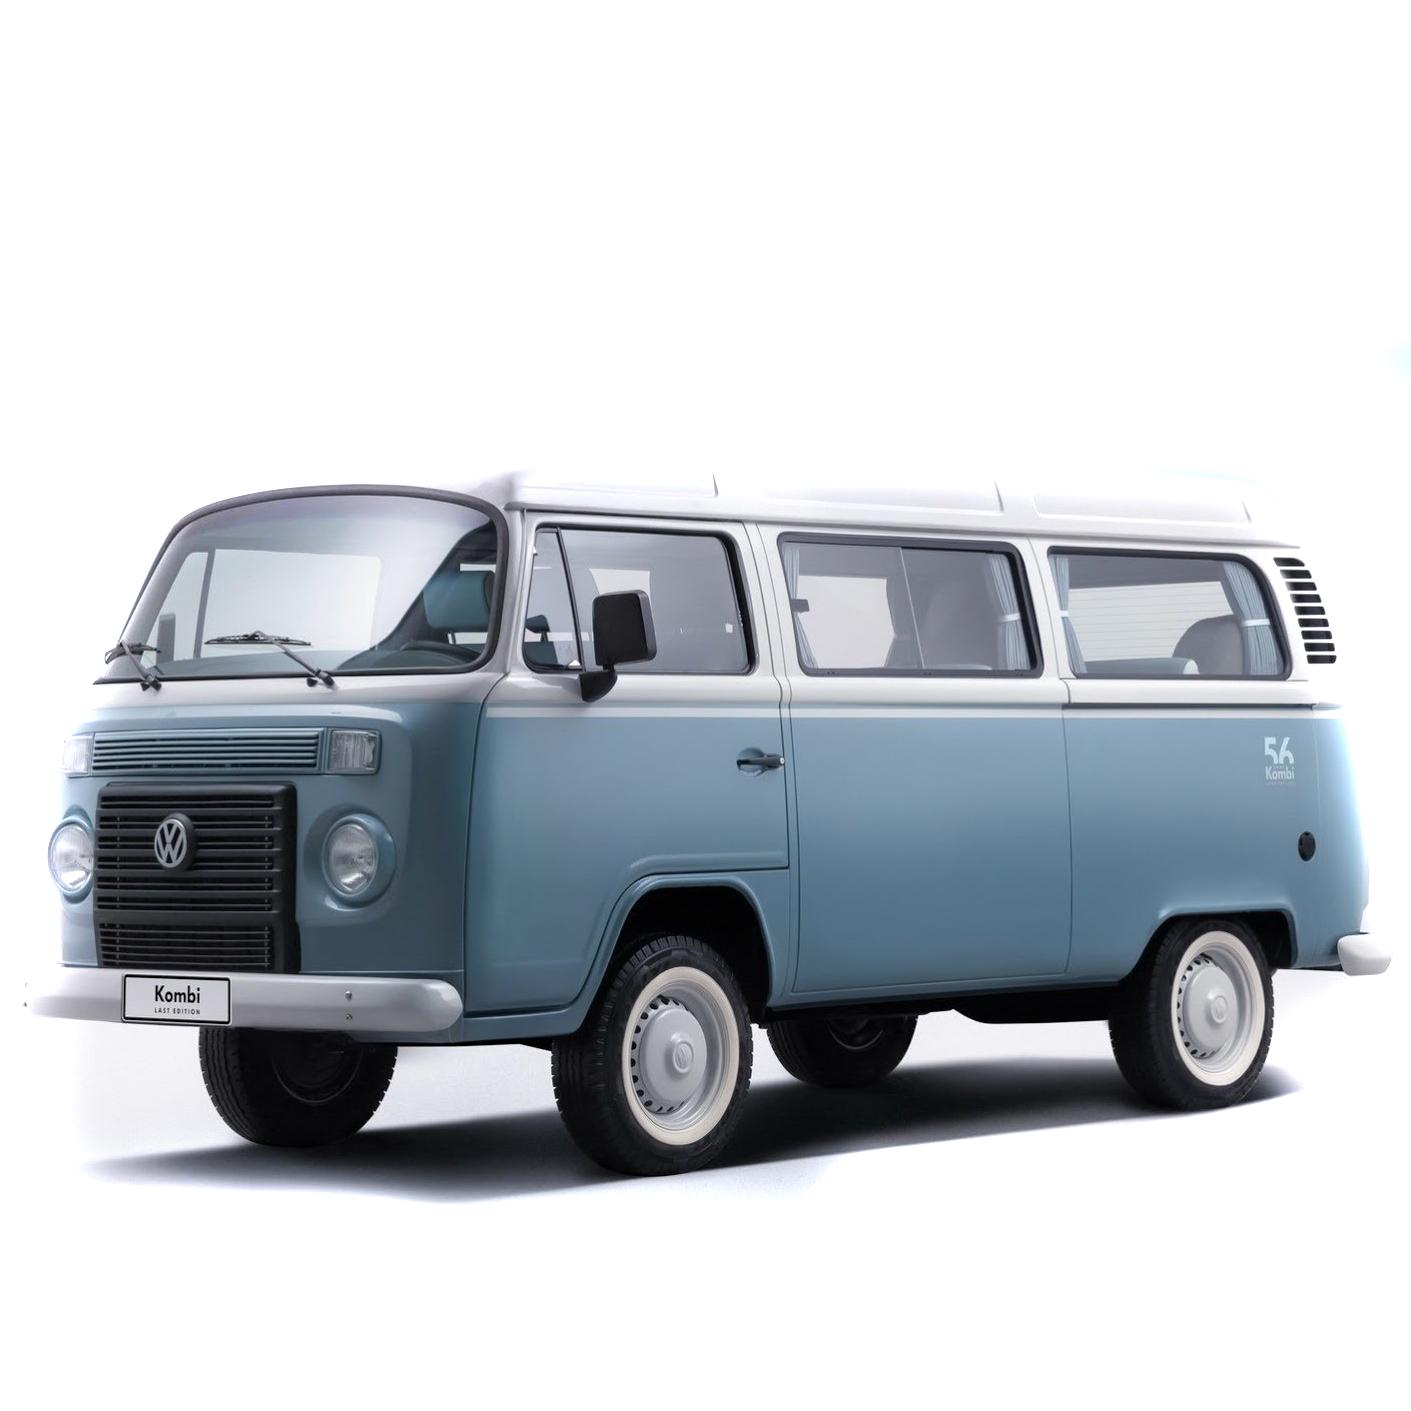 Volkswagen Kombi [Twin Passenger][2 rows]